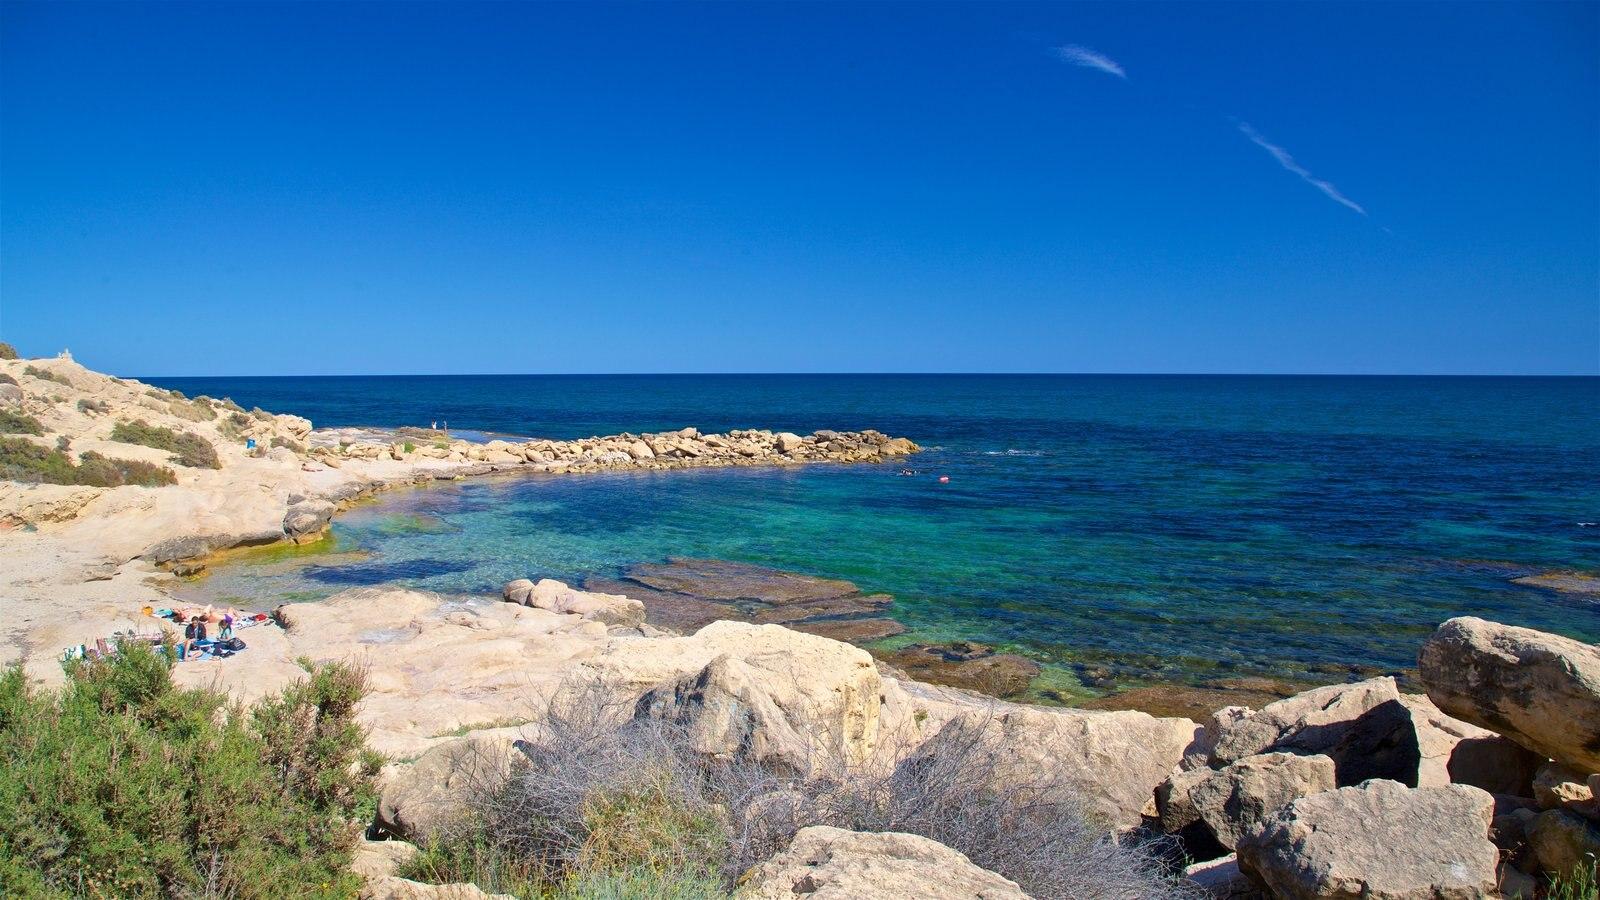 Cabo de las Huertas ofreciendo vistas generales de la costa y costa escarpada